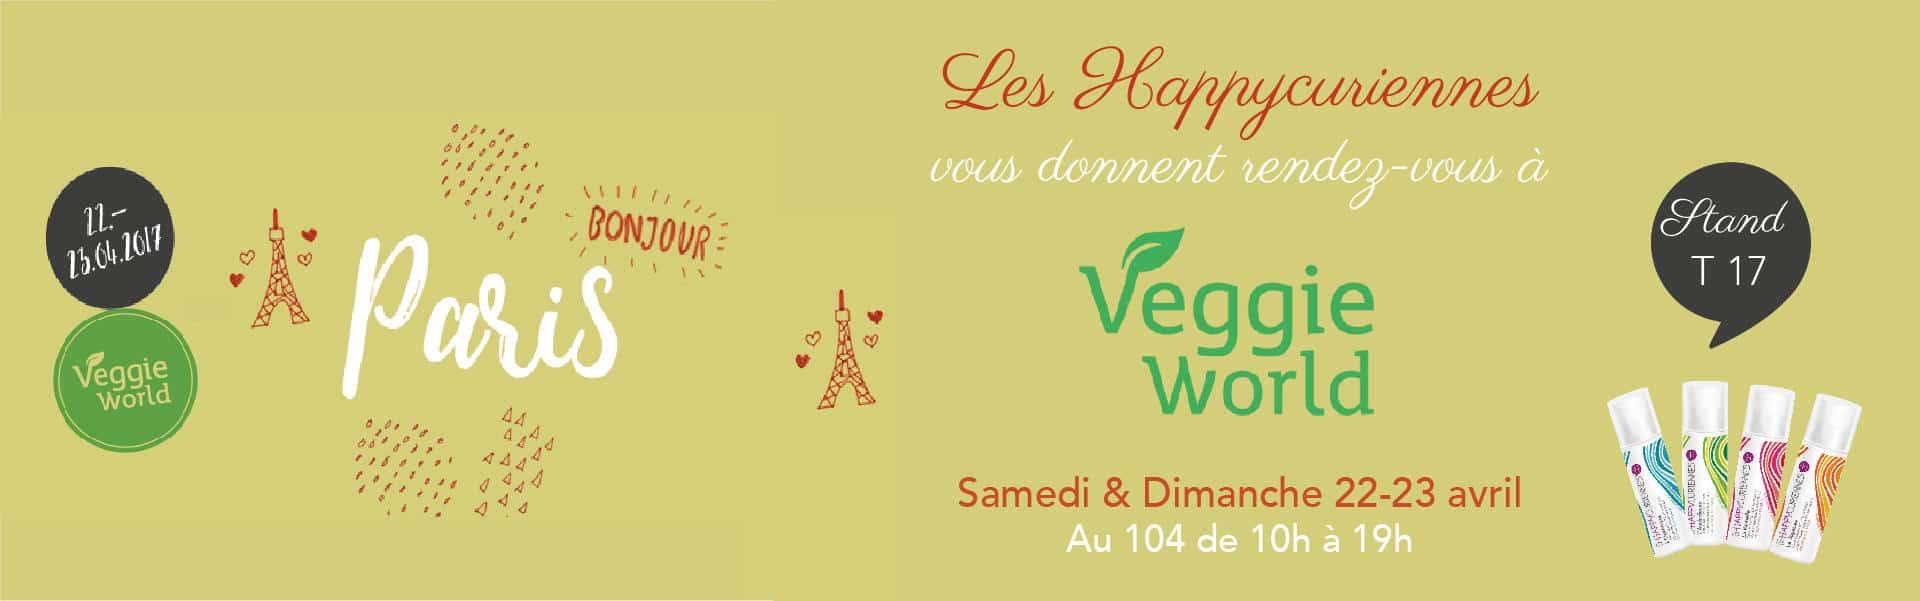 Les Happycuriennes à VeggoeWorld Paris en avril 2017